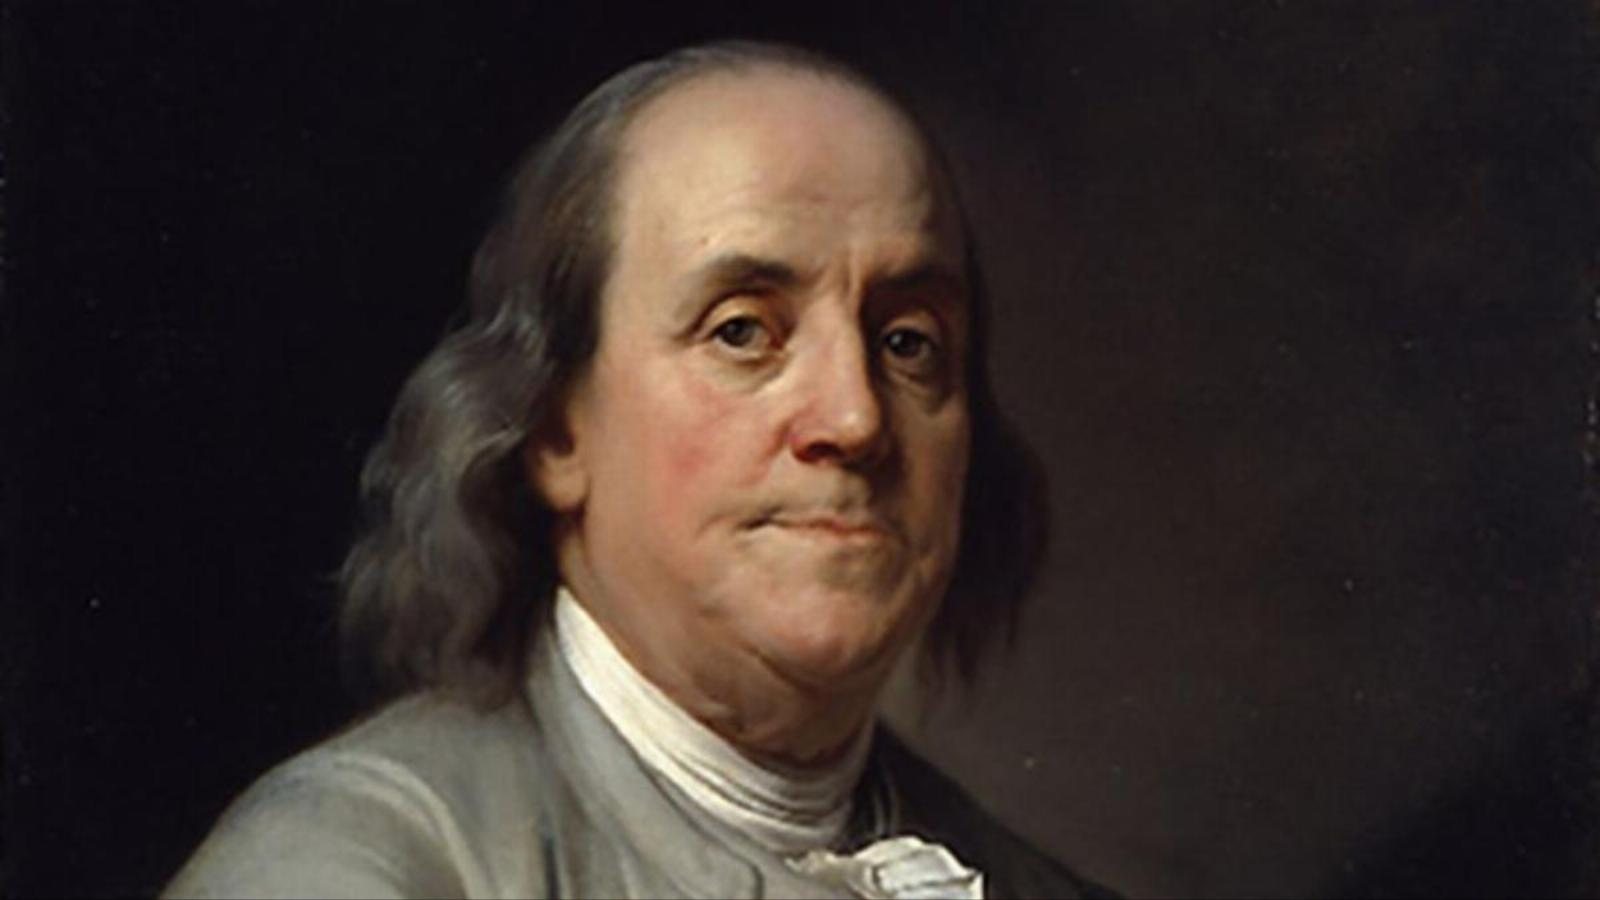 درگذشت بنجامین فرانکلین در سال 1790